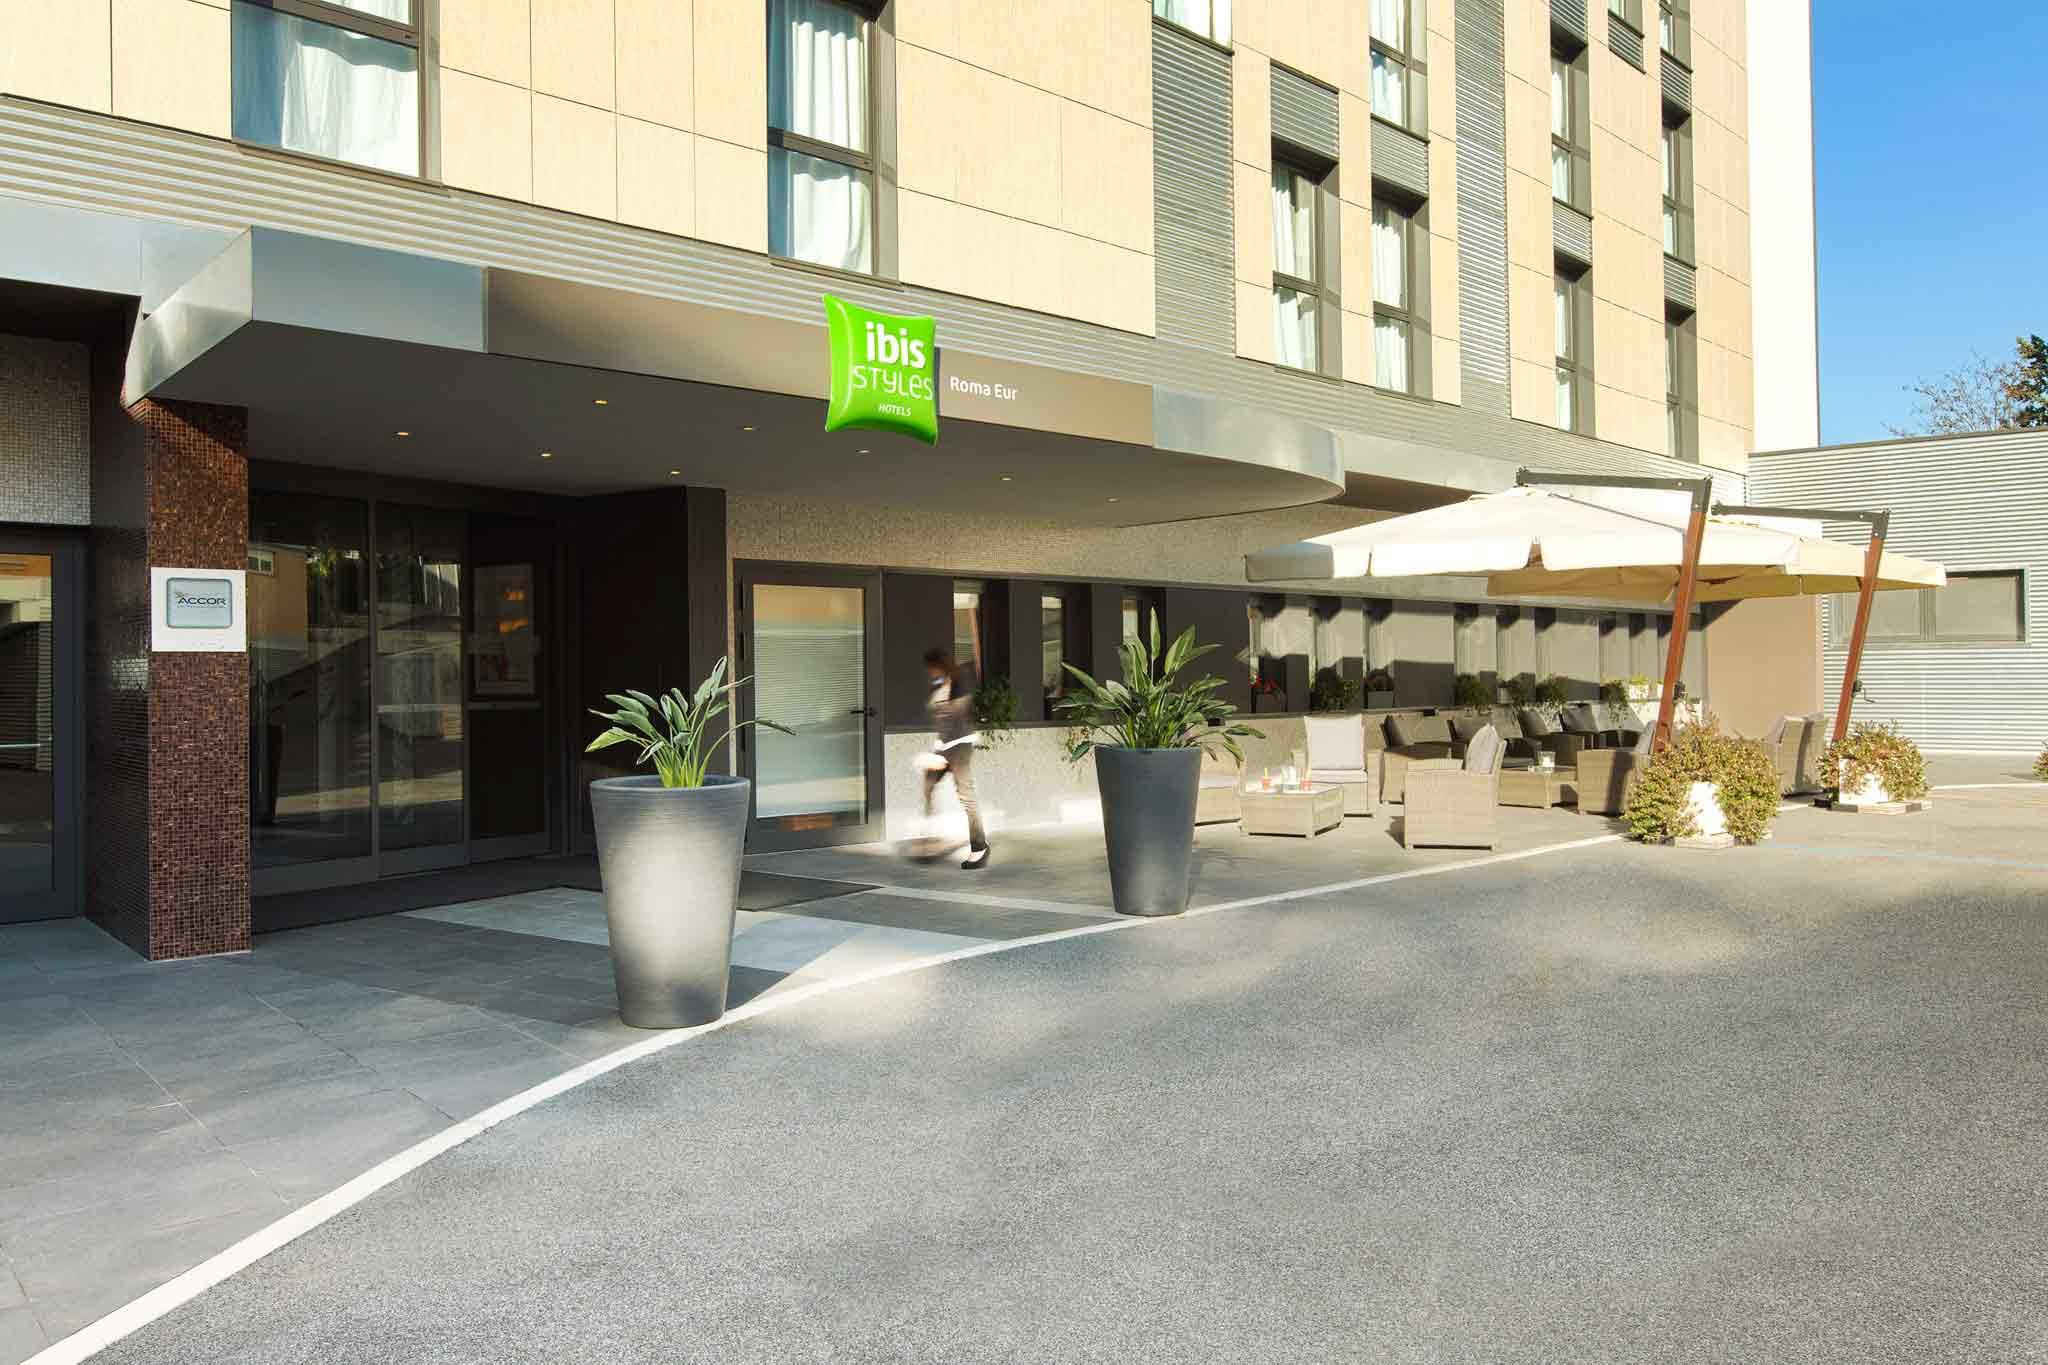 Отель — ibis Styles Рома Еур